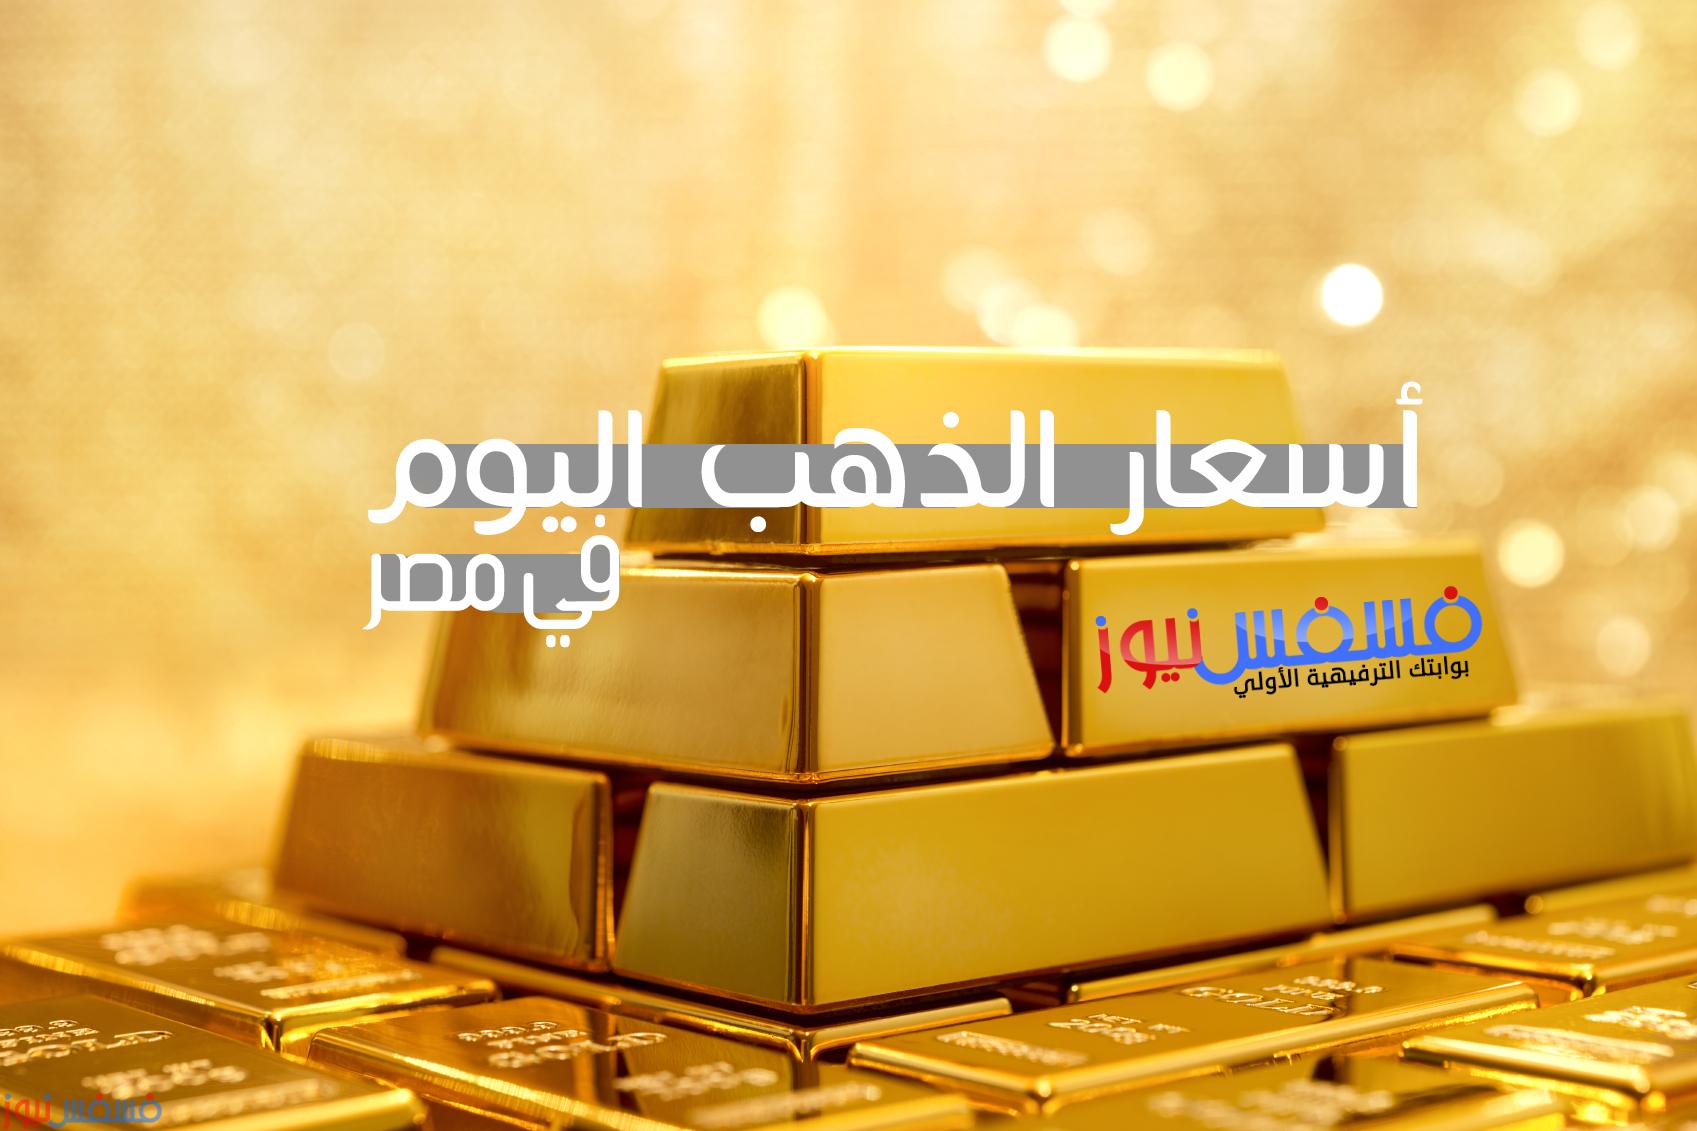 """""""محدث الآن"""" أسعار الذهب اليوم في مصر – سعر جرام الذهب في محلات الصاغة"""